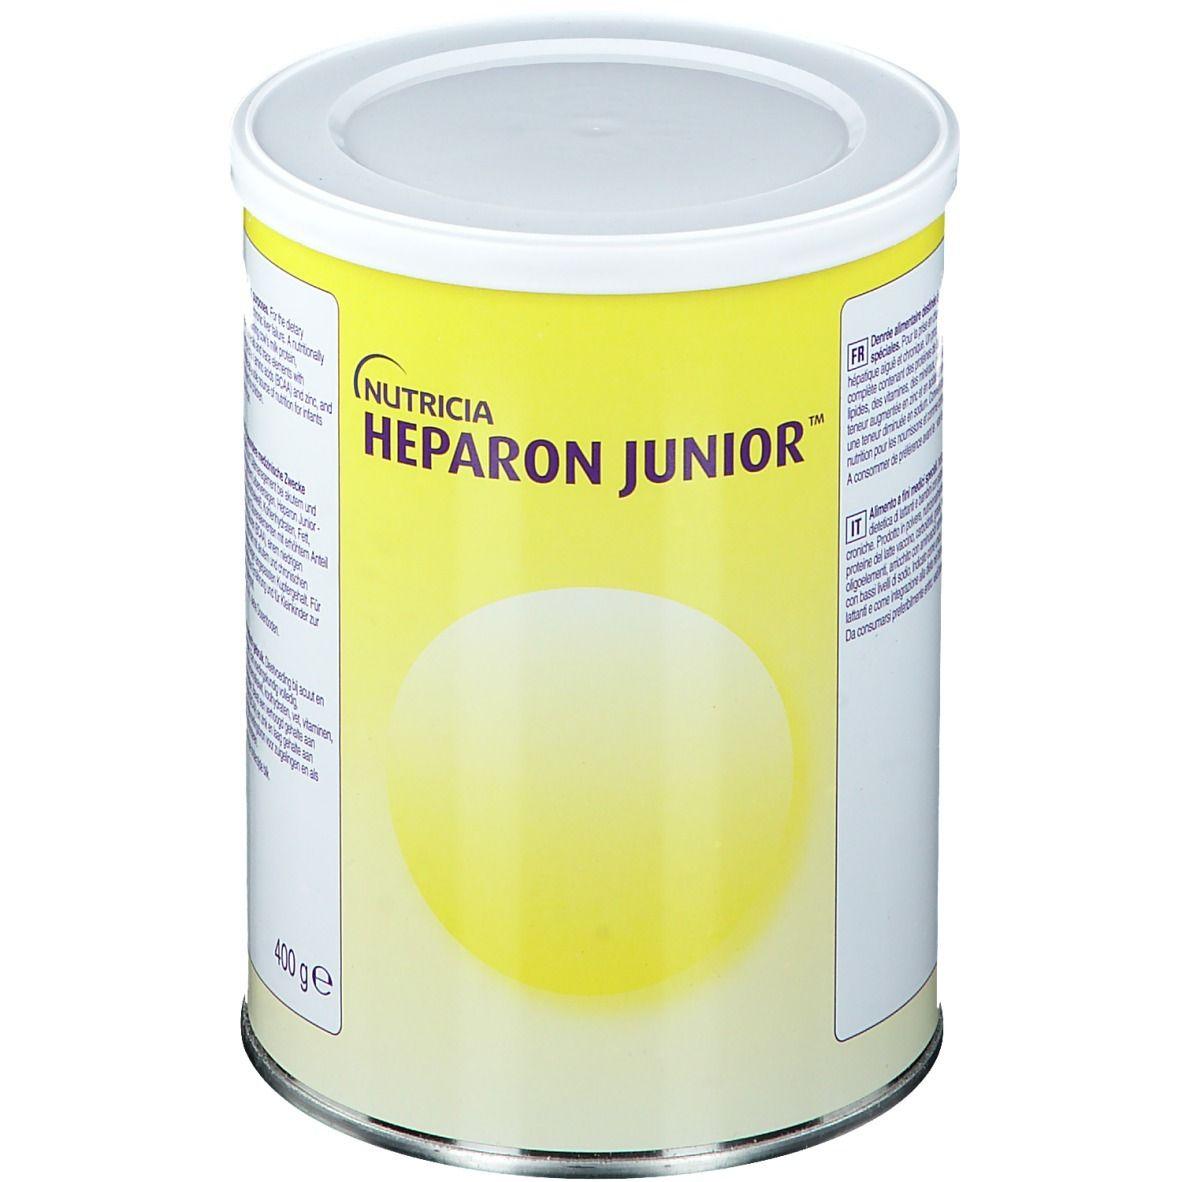 NUTRICIA HEPARON JUNIOR